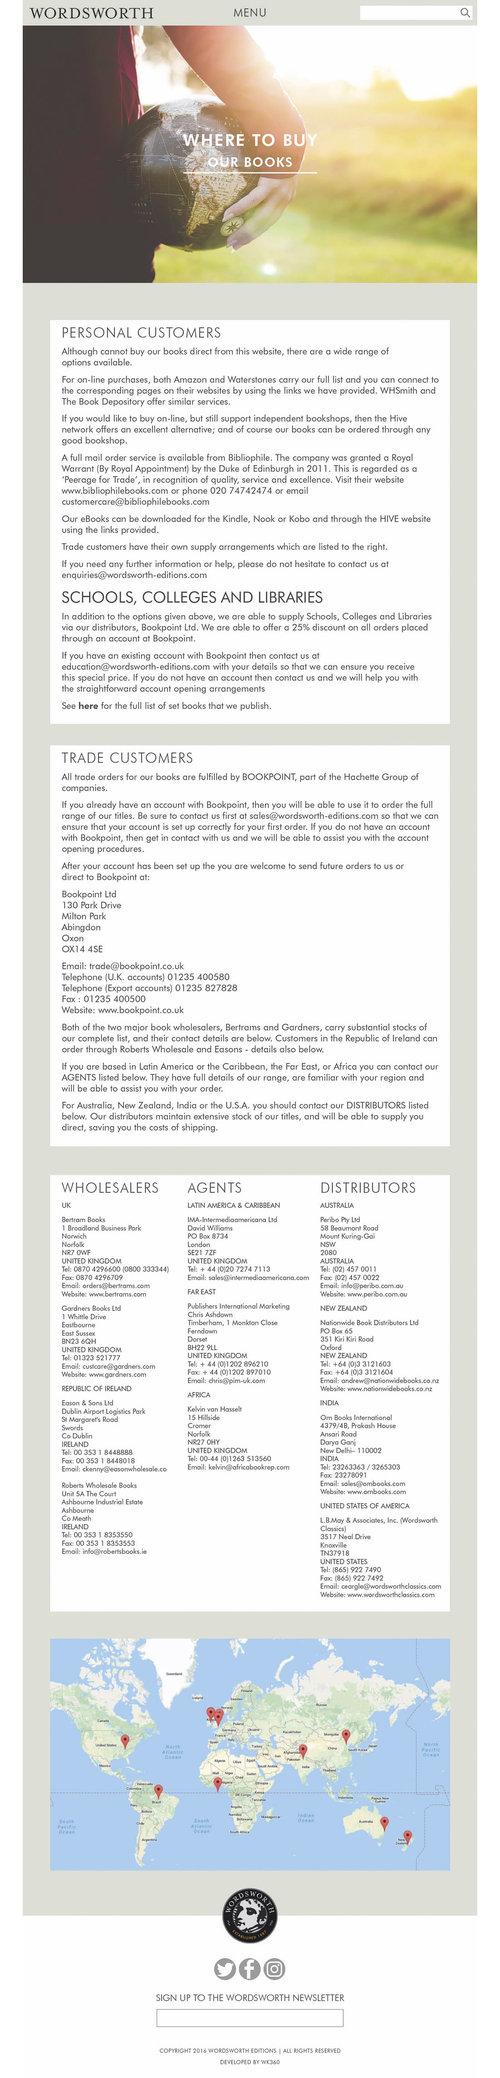 1912_Wordsworth+site10.jpg